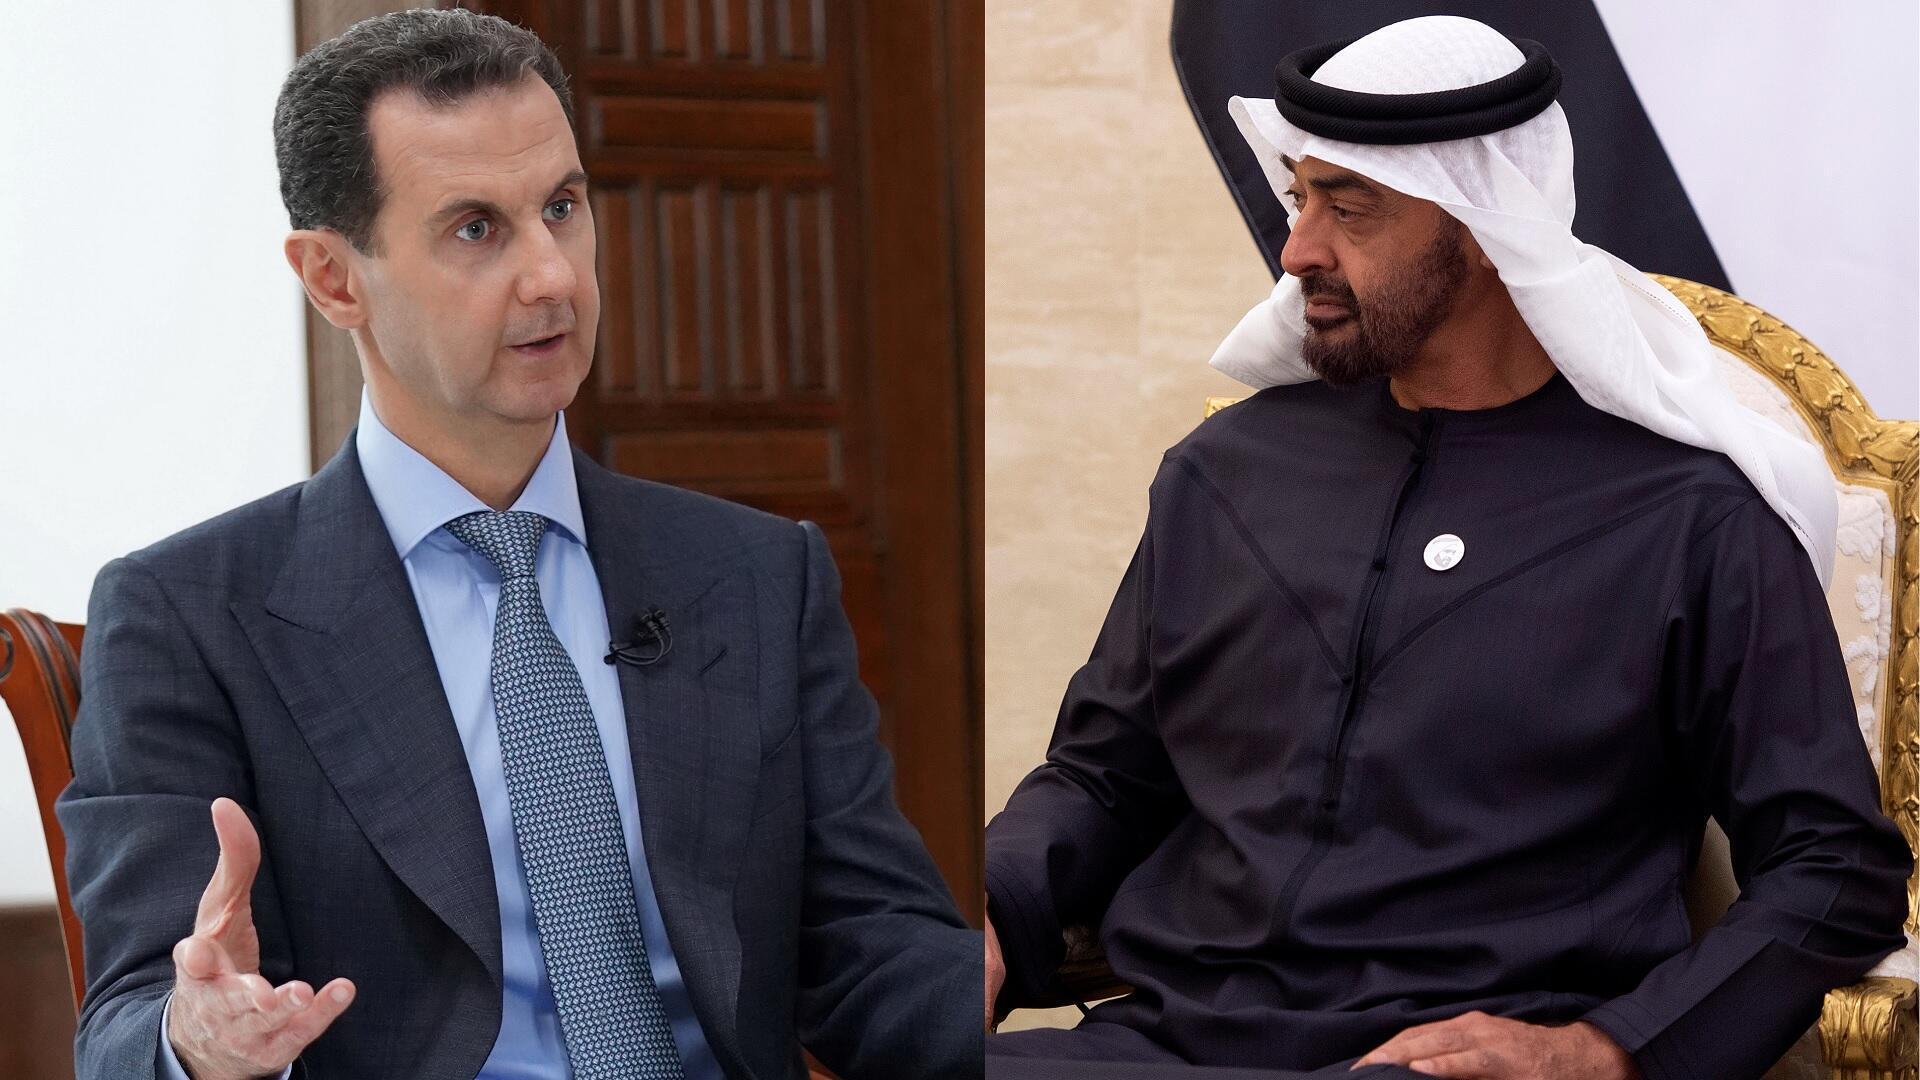 الرئيس السوري بشار الأسد وولي عهد أبو ظبي محمد بن زايد آل نهيان.